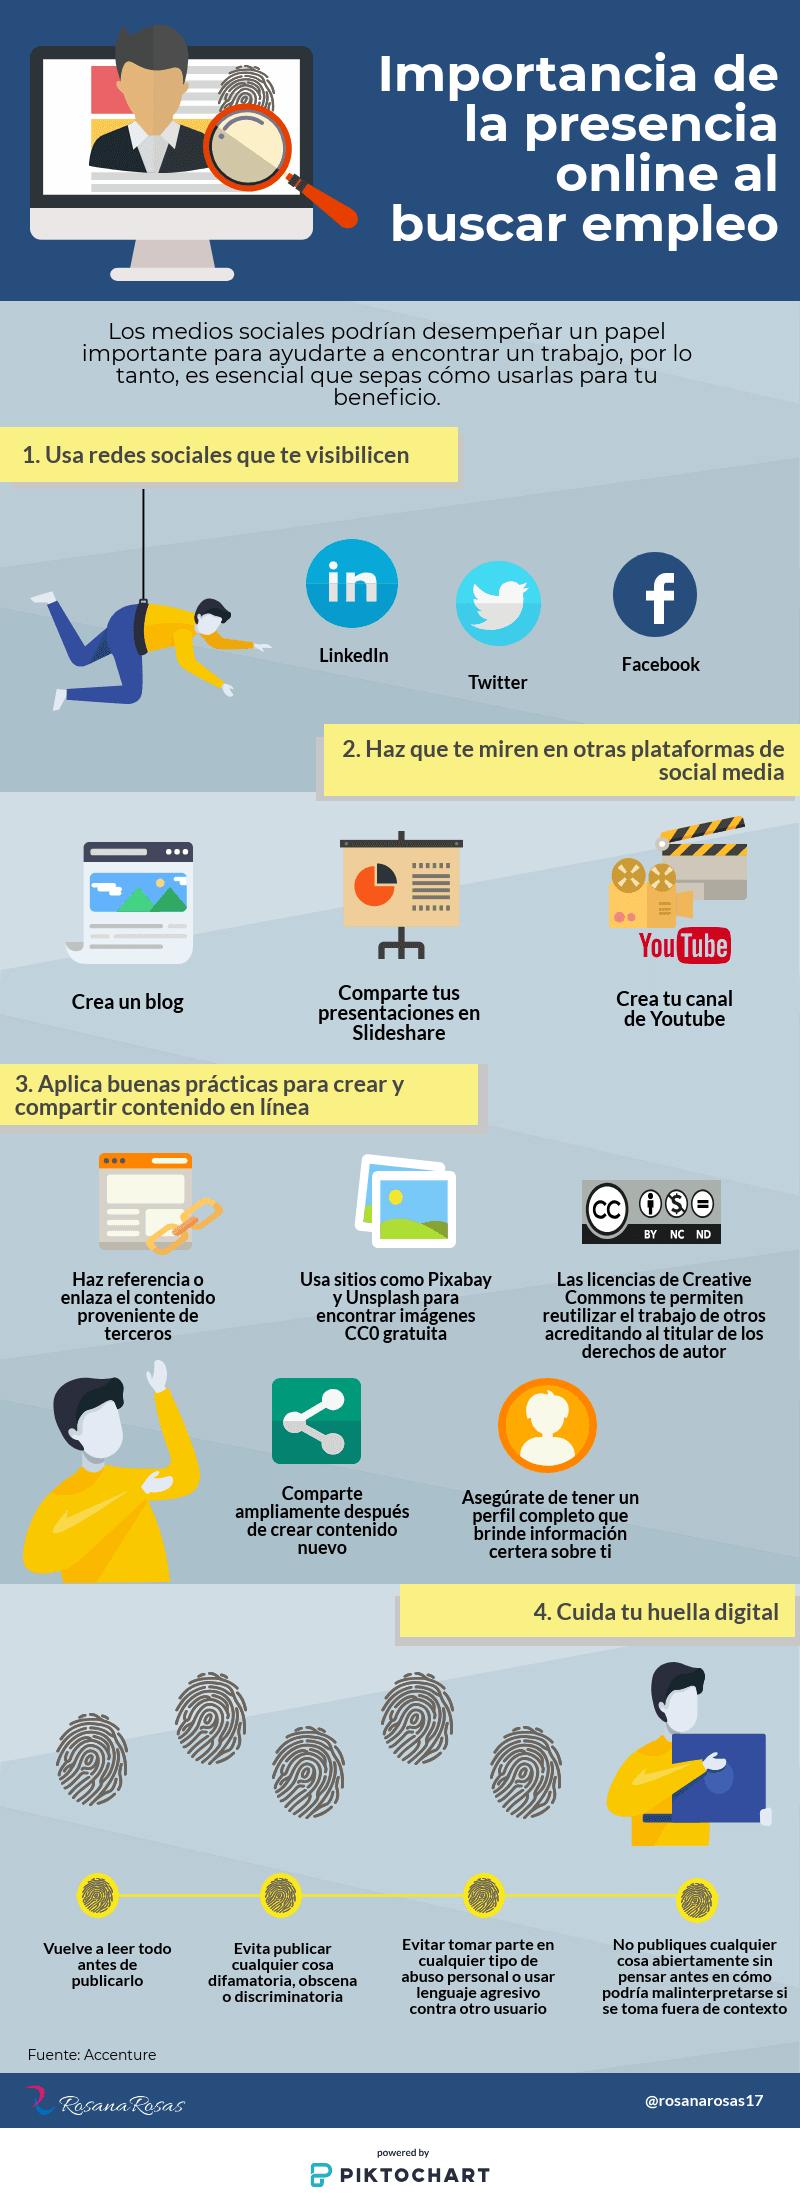 La Importancia De La Presencia Online Al Buscar Trabajo Infografia